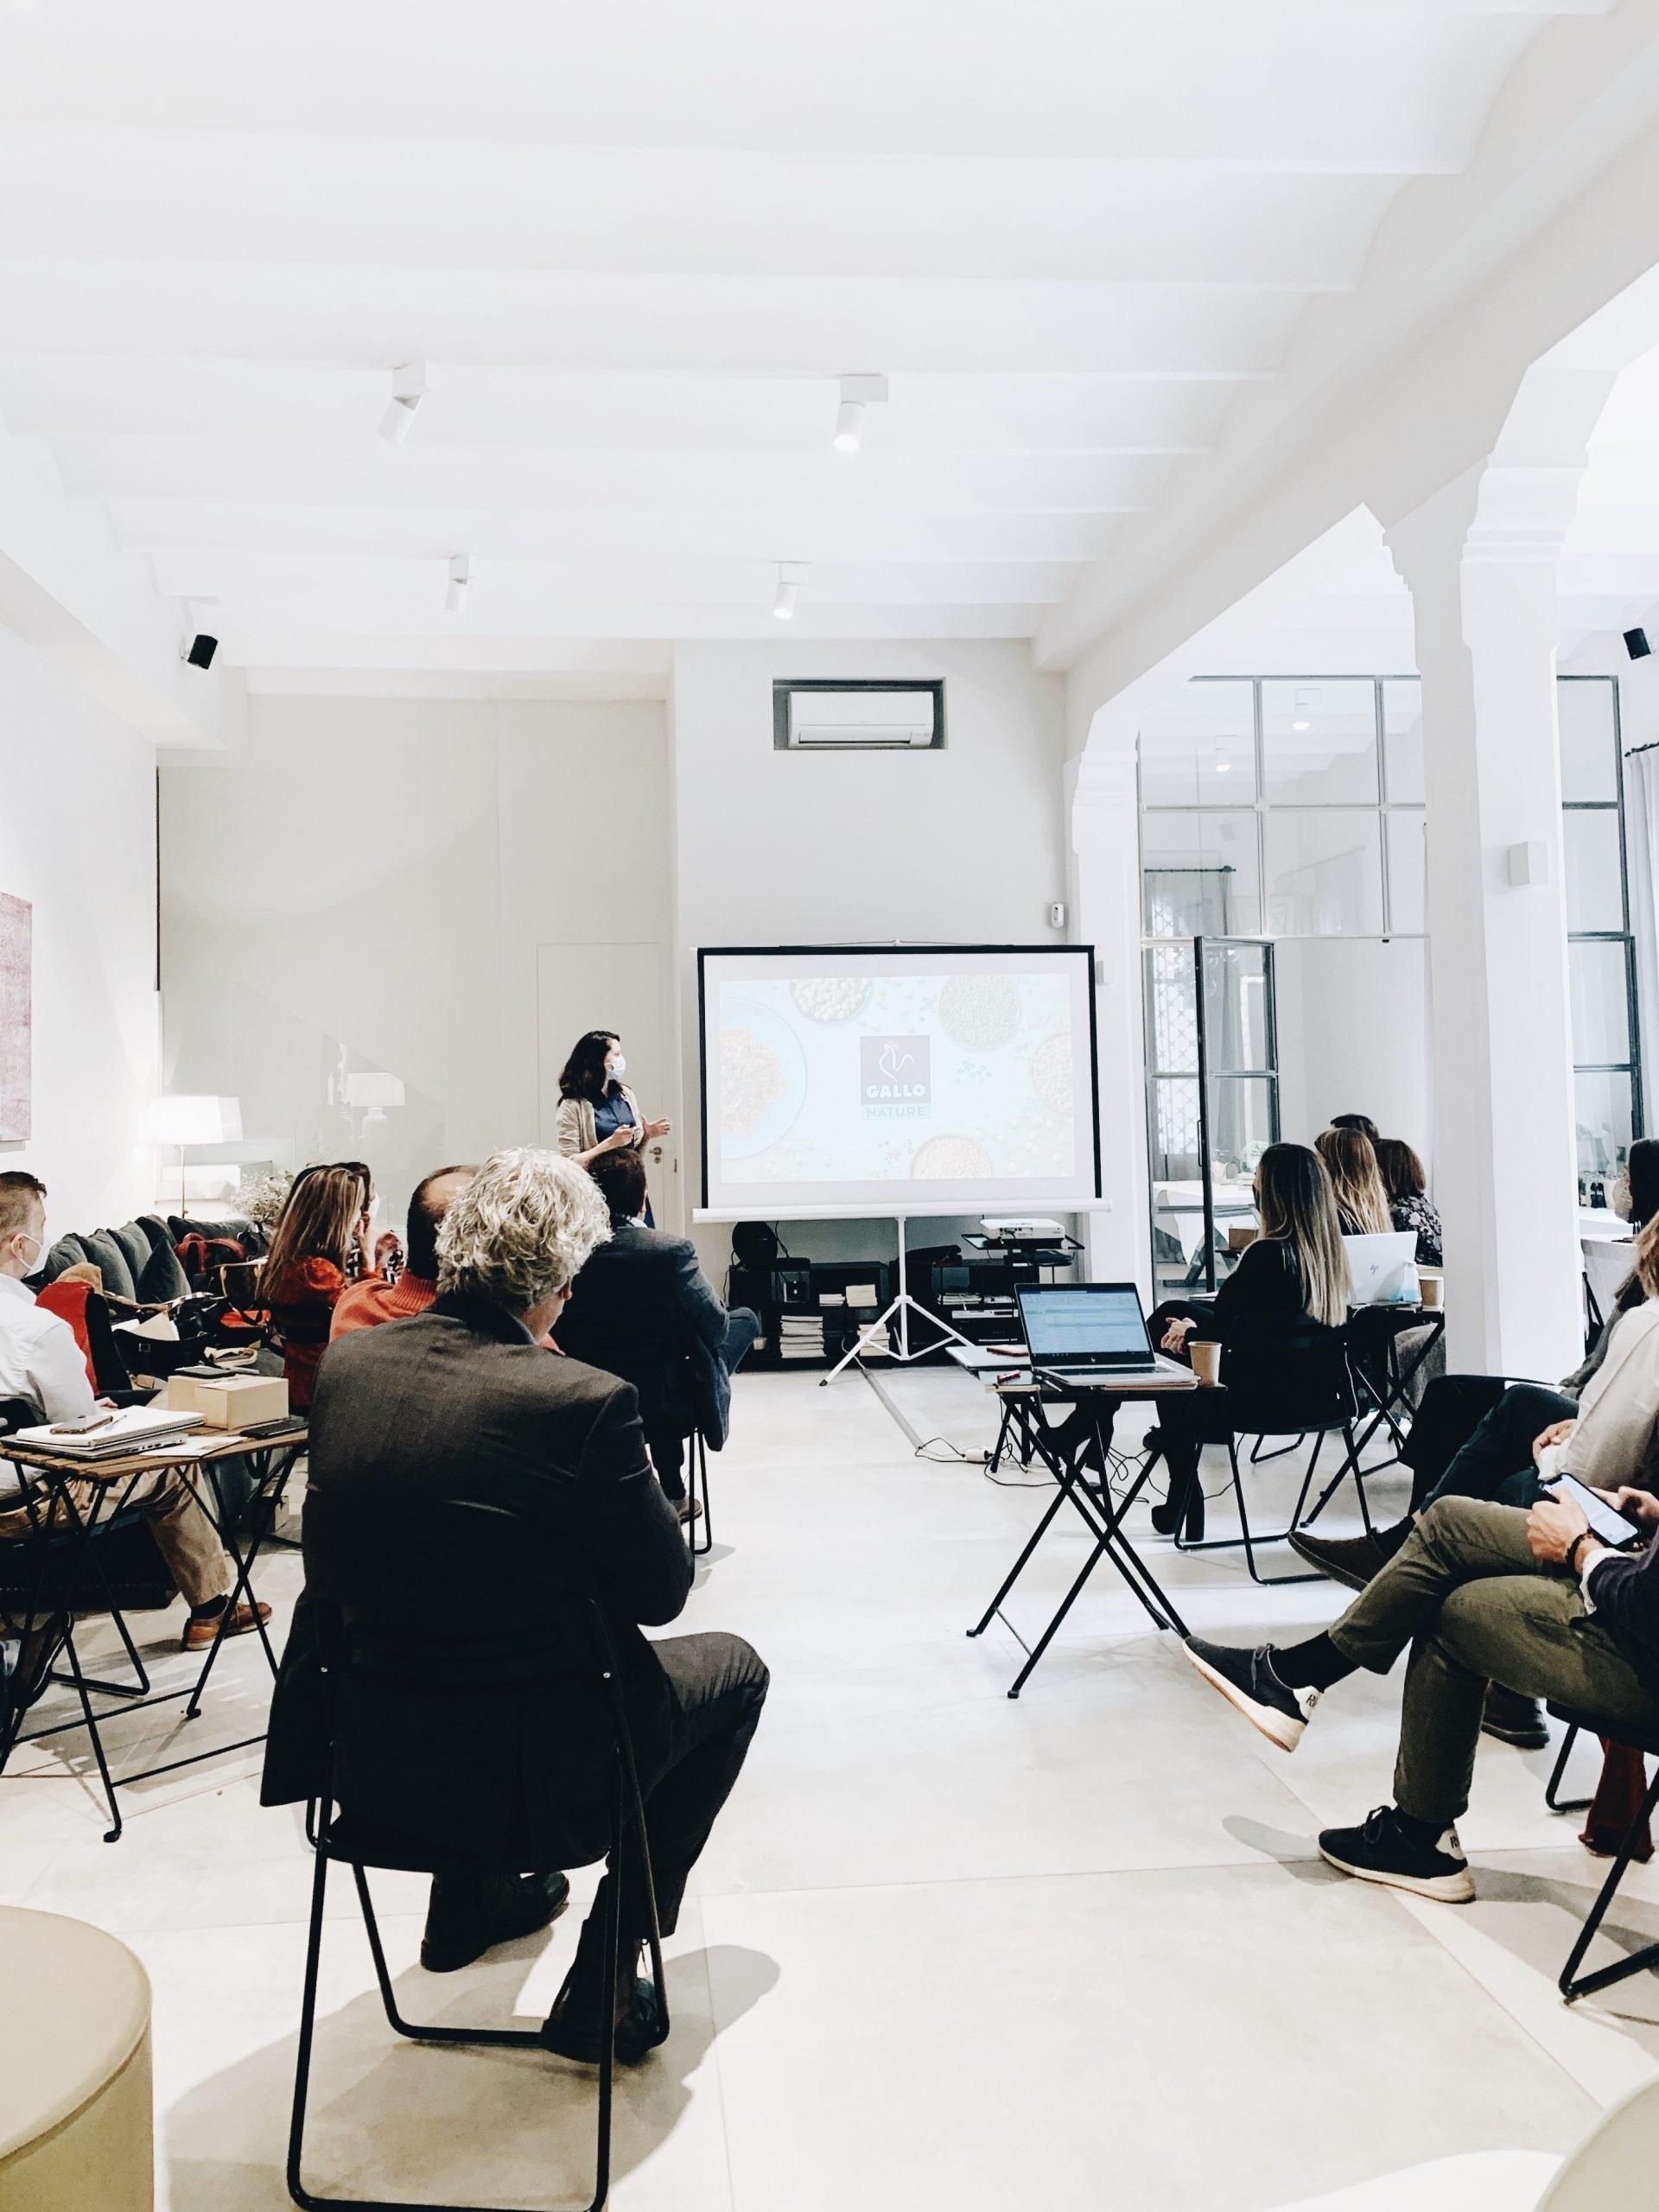 Pastas Gallo |Evento streaming en Barcelona The Inspiration House